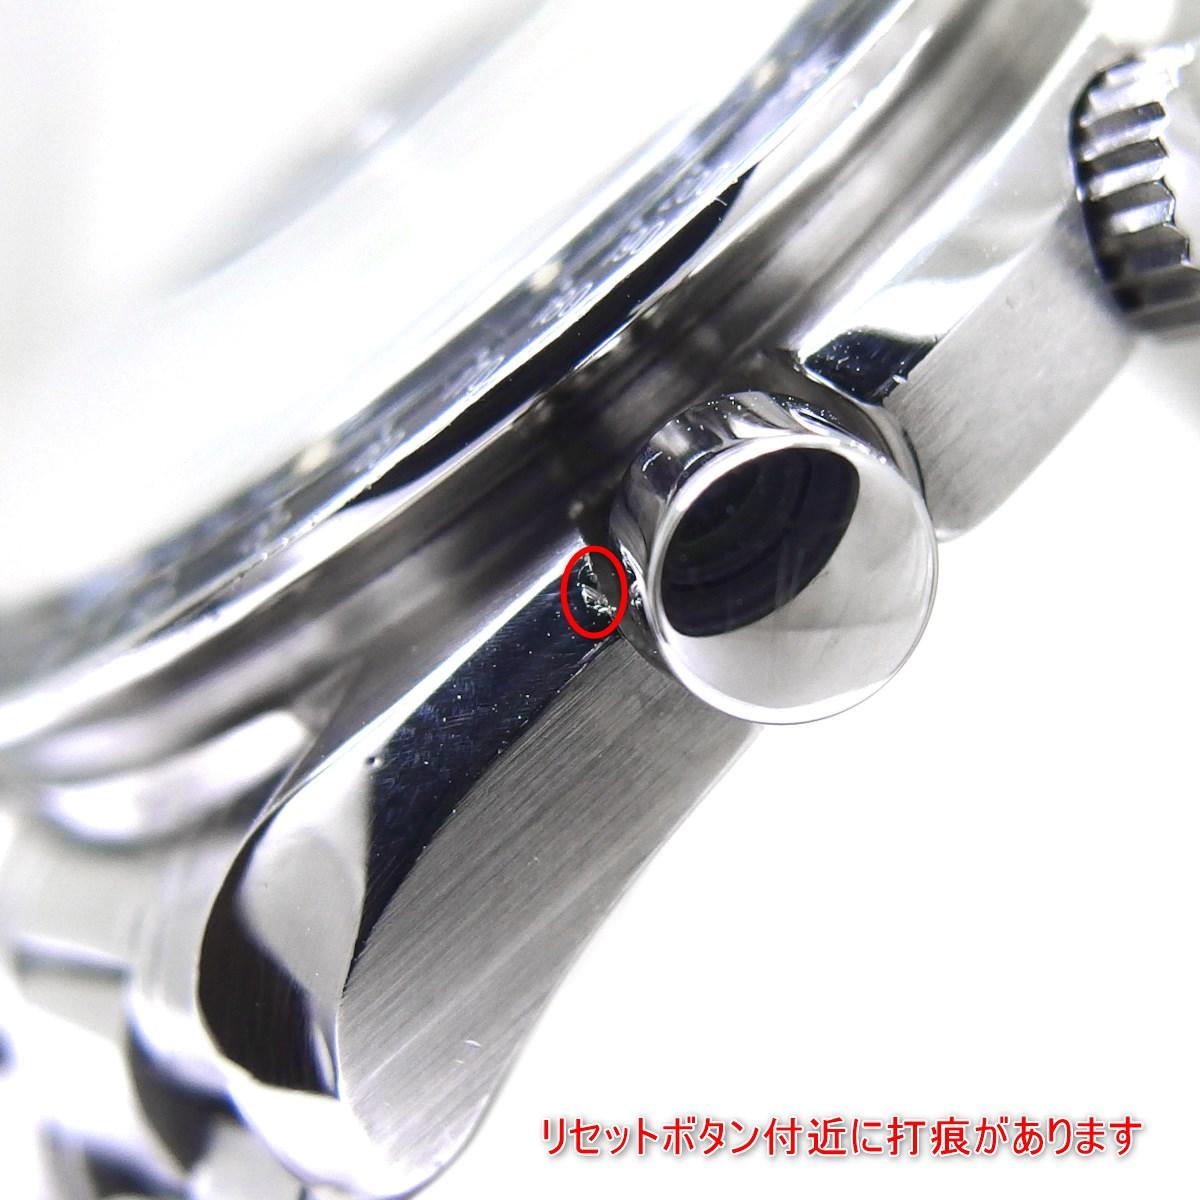 オメガ スピードマスター 3510.50 Cal.1143 自動巻 OH済 1997年製 USED